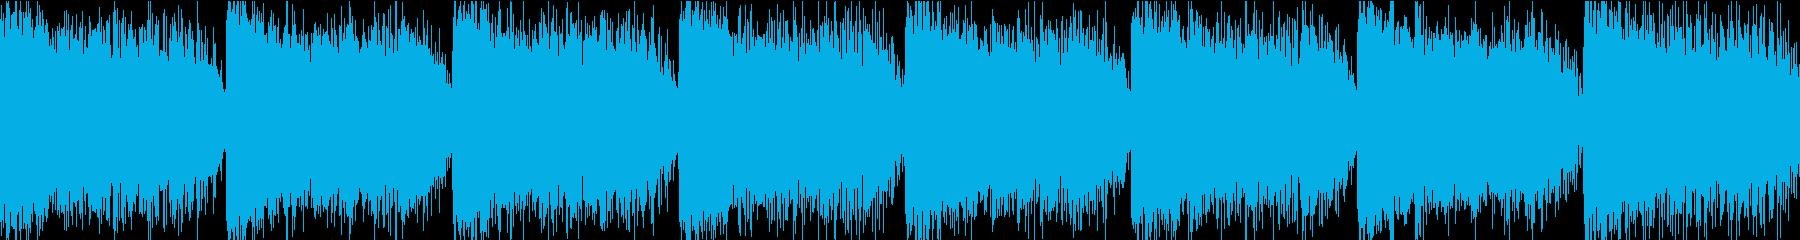 サイレン 緊急 防災 アラーム 警報 2の再生済みの波形